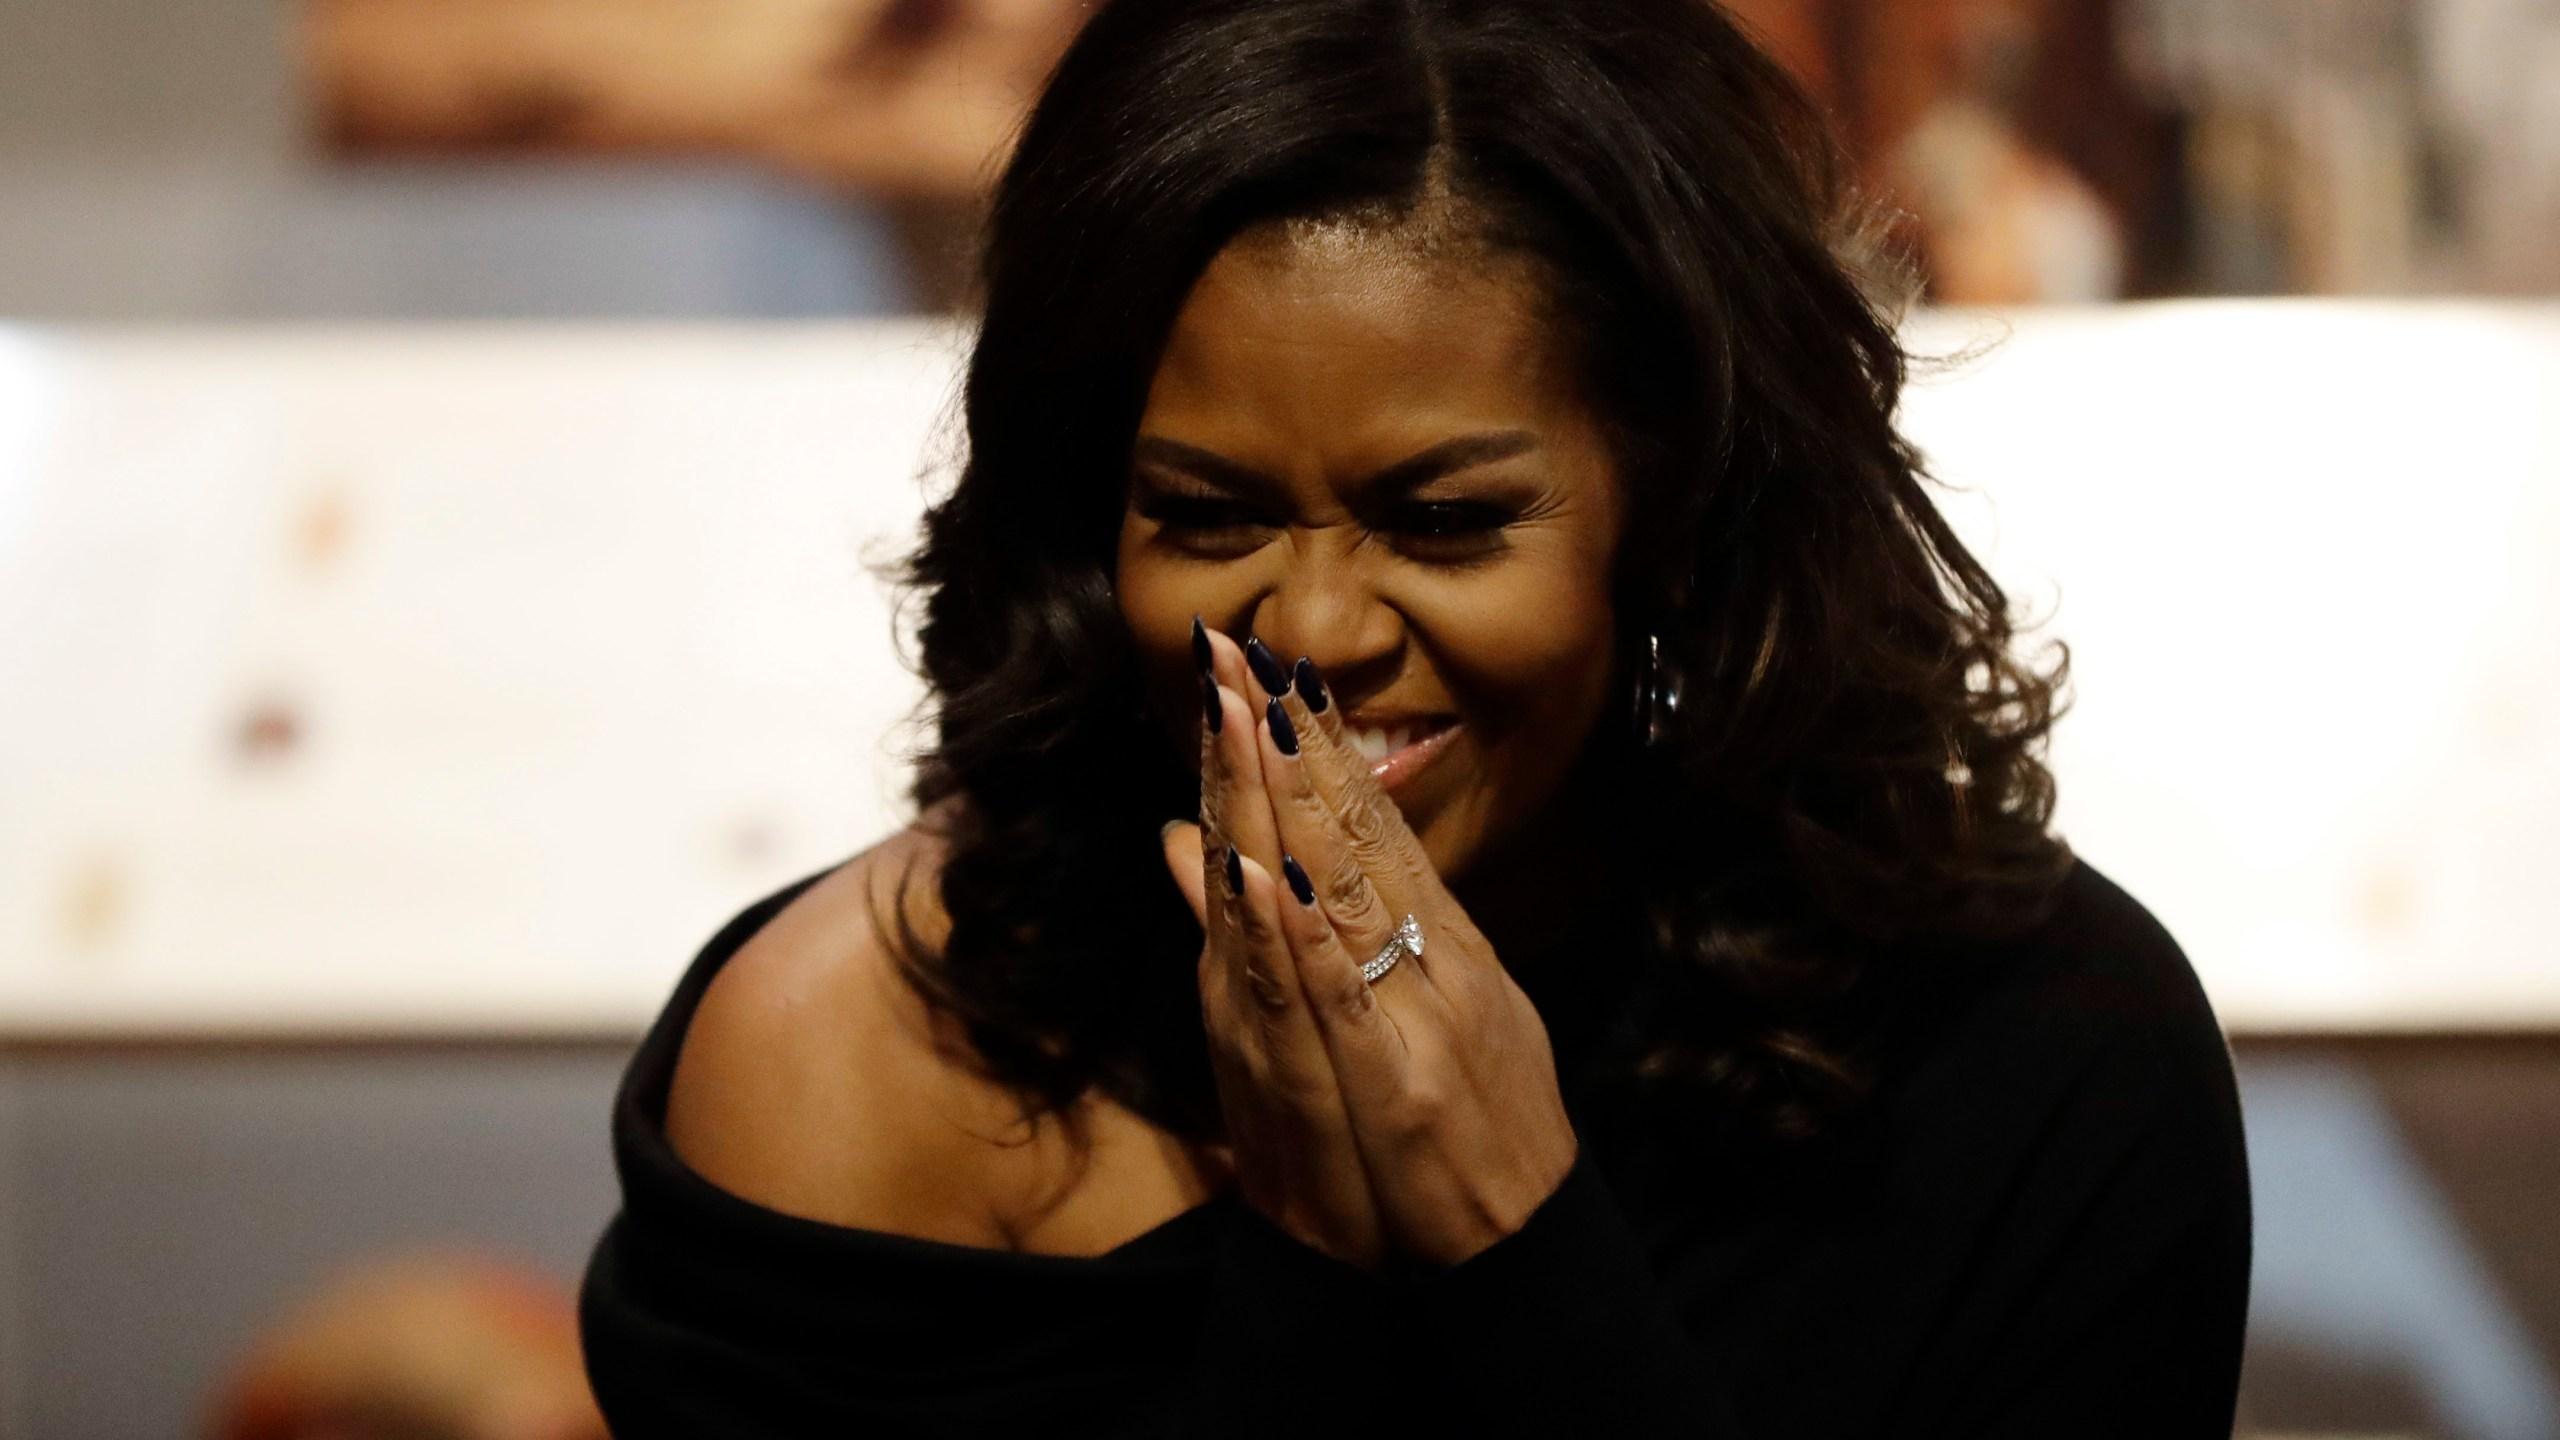 Michelle_Obama_37587-159532.jpg53109530